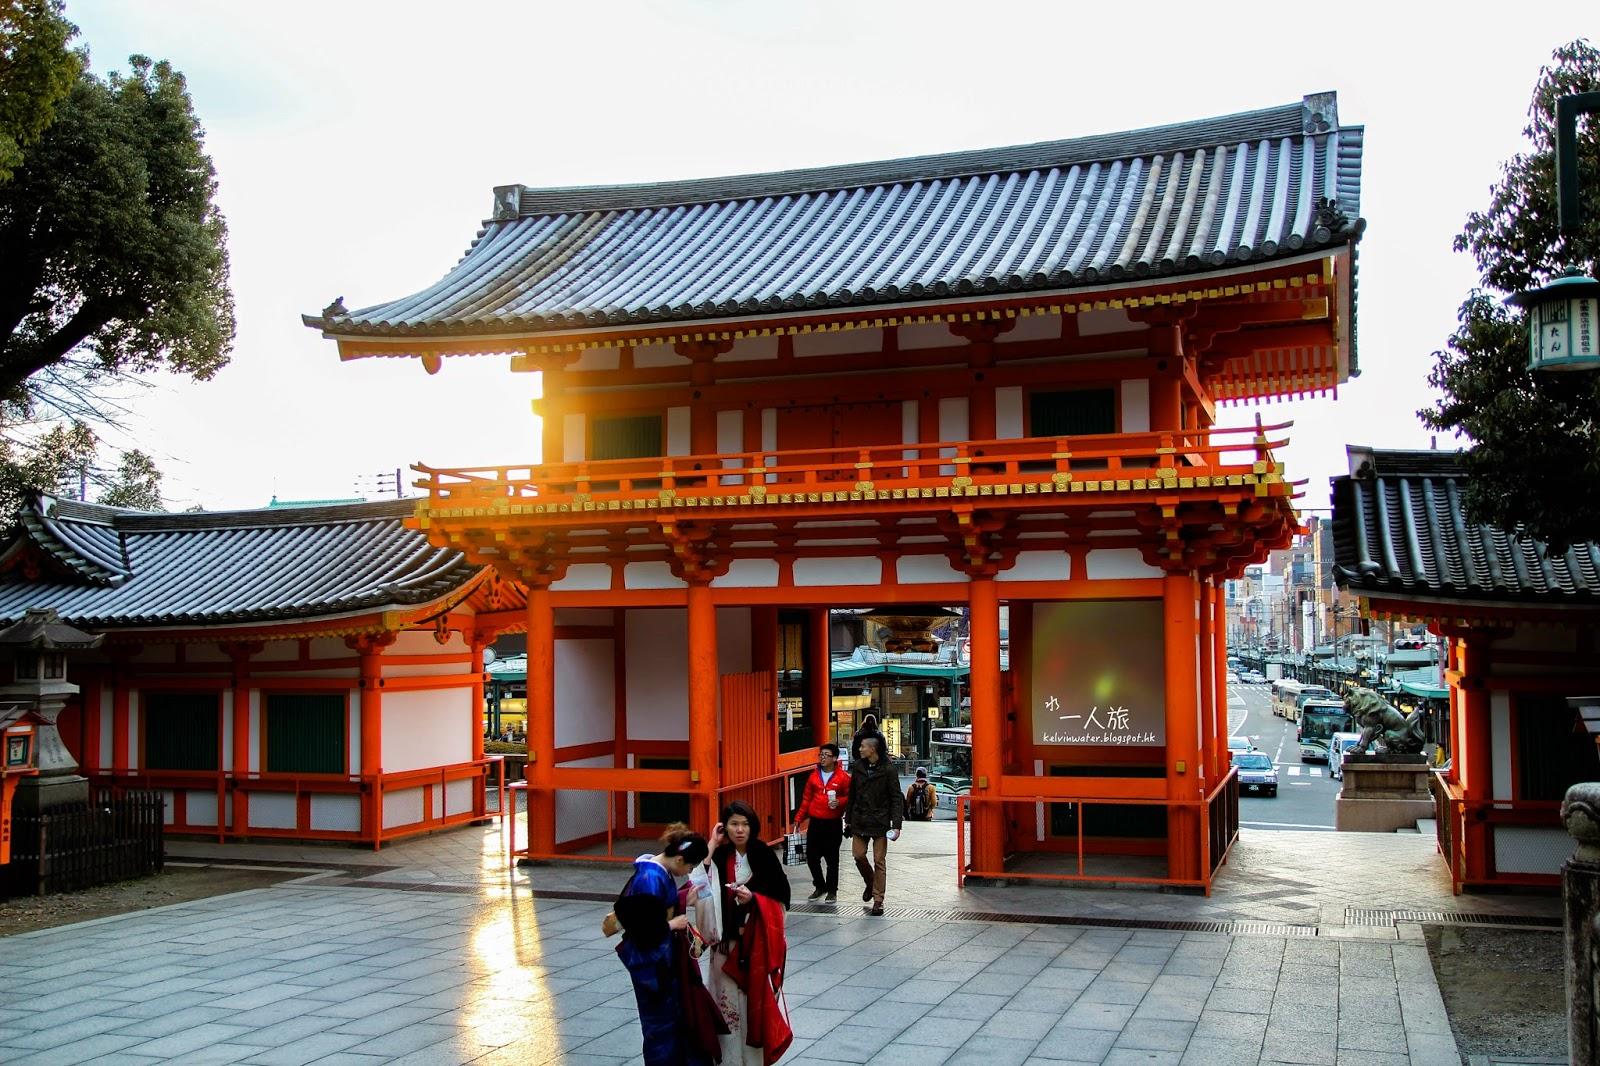 2014.晚冬.日本.關西.京都,宇治,奈良 | 一人旅 – U Blog 博客